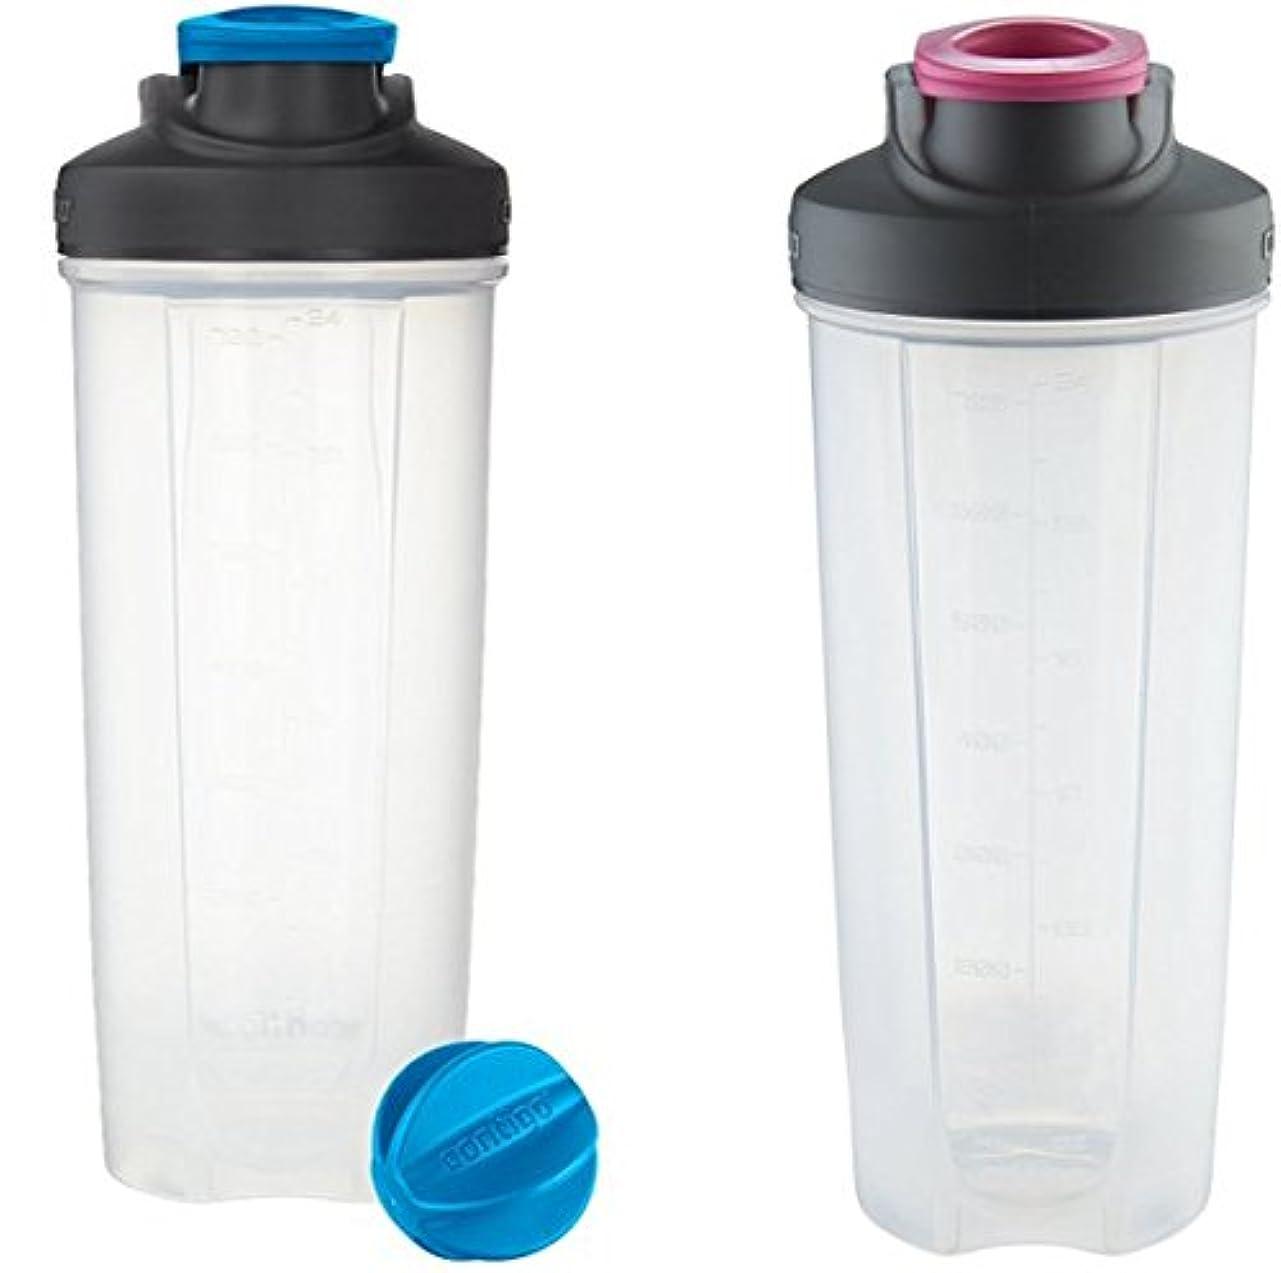 サイクロプス適度に文Contigo Shake & Go Fitミキサーボトル、ブルー&ピンク28oz